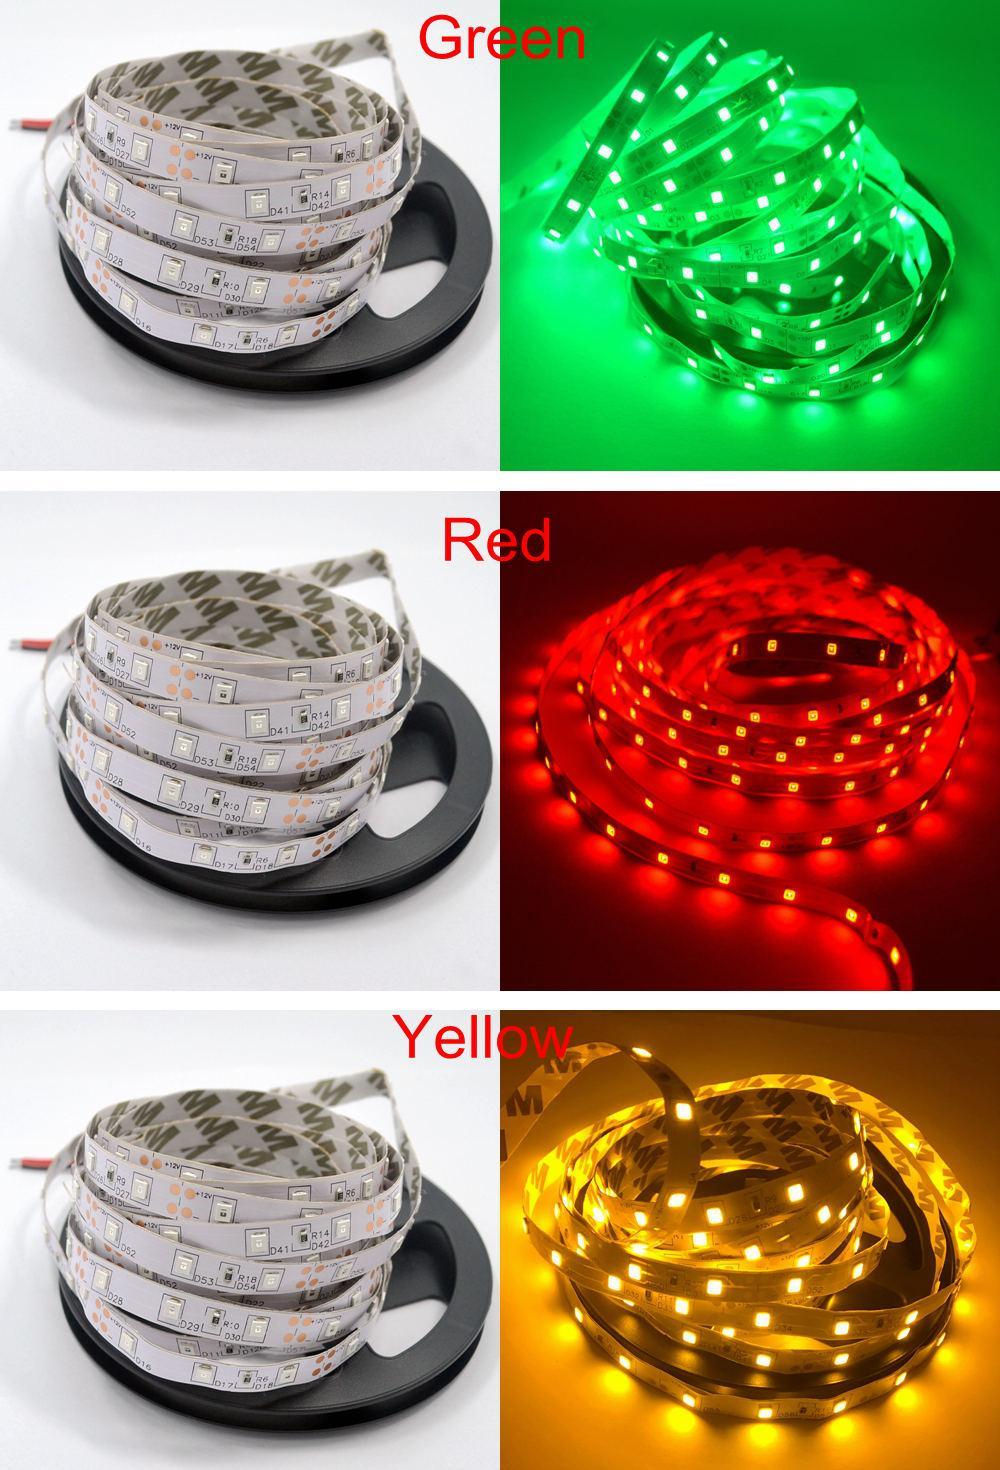 5m 2835 No Tira de Luz Led RGB RGB DC 12V 300Leds Luz de Iluminación de Vacaciones Flexible Decoración para el Hogar Cinta de Cinta Lámpara de Escritorio